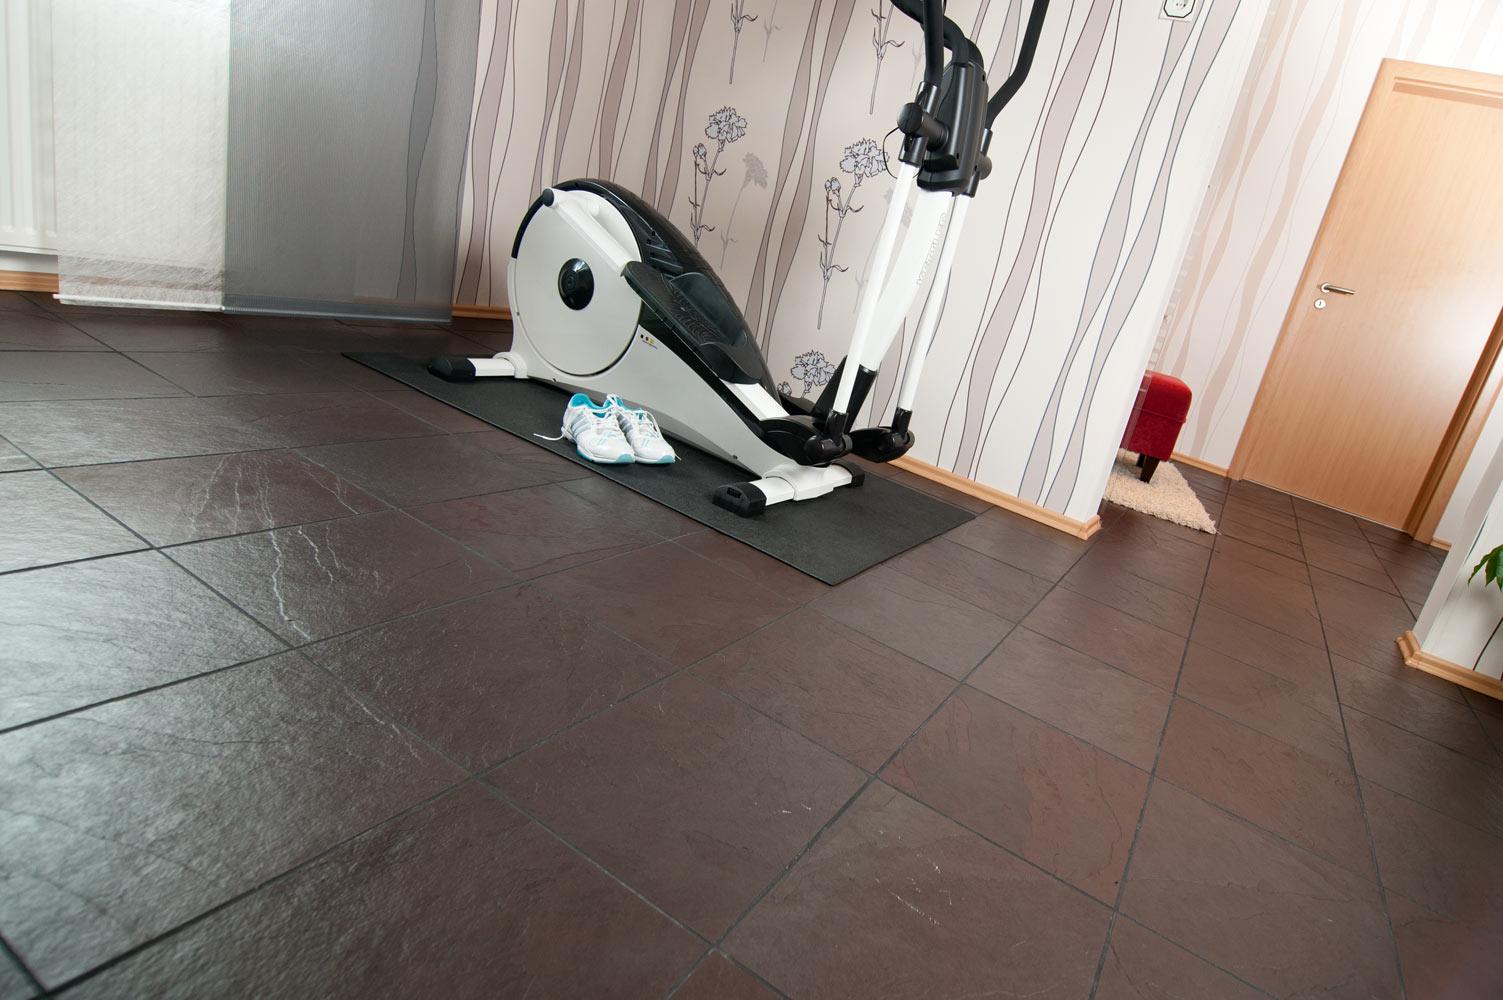 schiefer morado fliesen aus stein. Black Bedroom Furniture Sets. Home Design Ideas